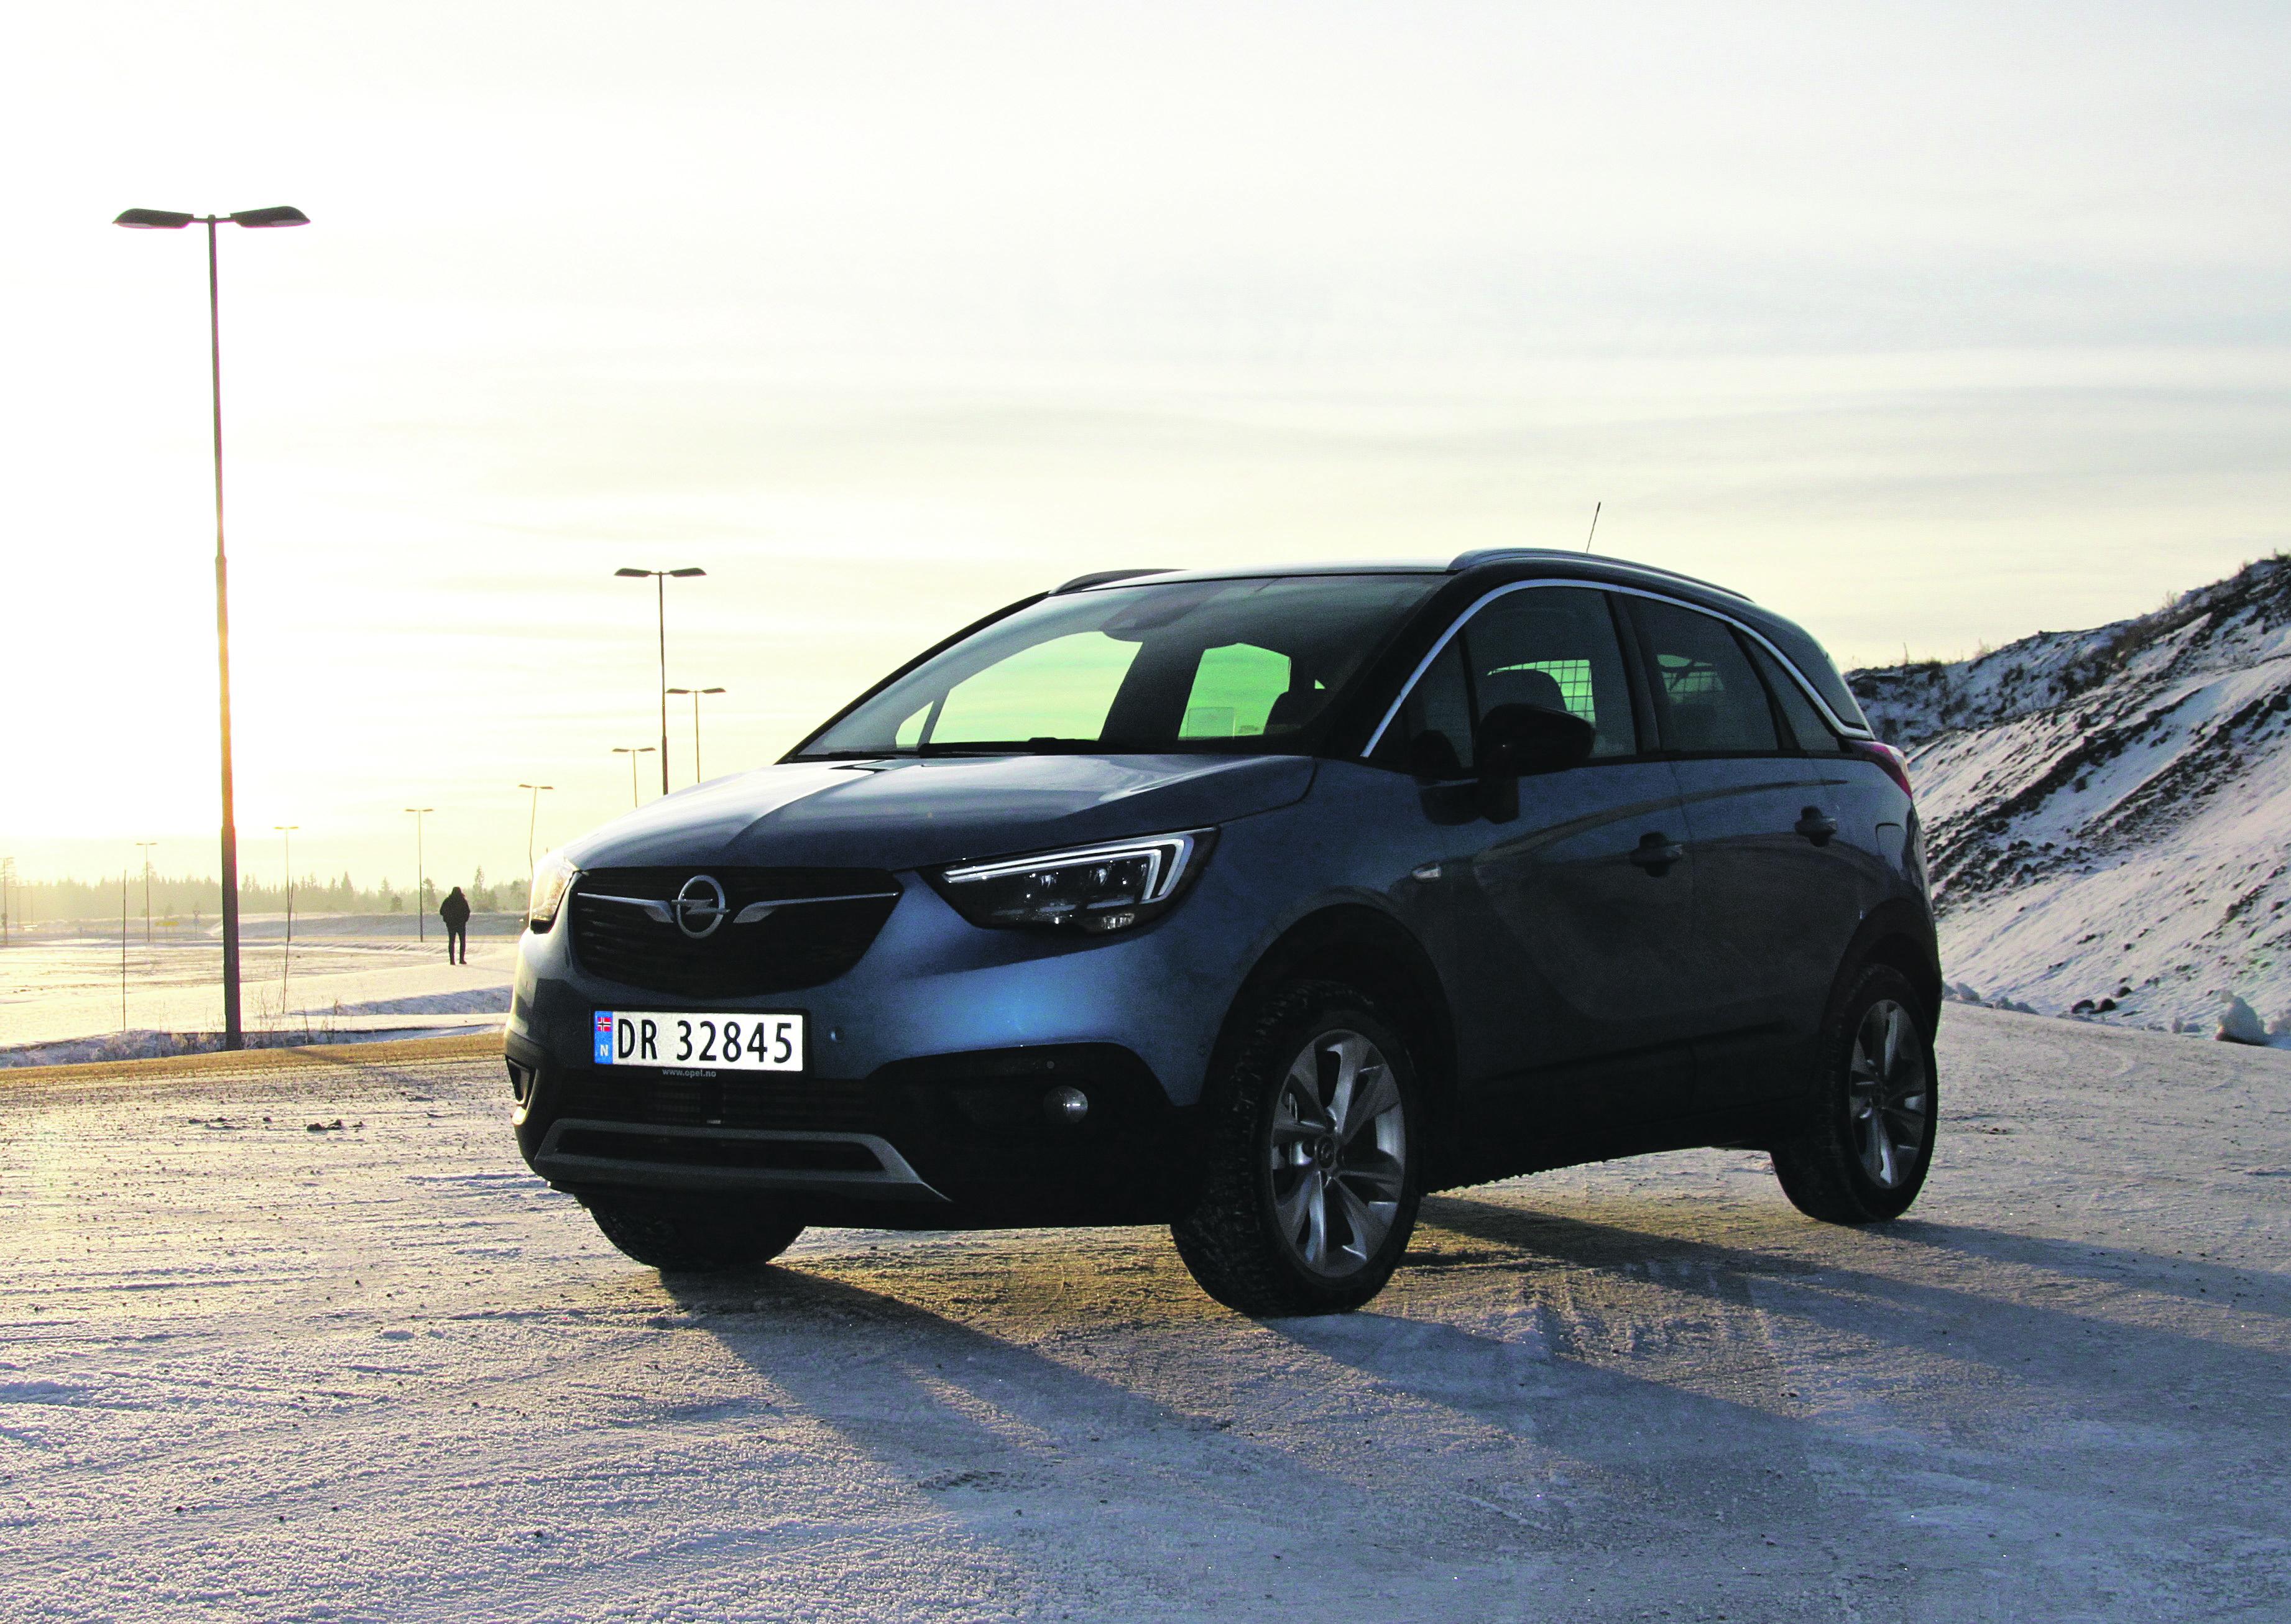 KOMPAKT: Opel Crossland X Er 421 Centimeter Lang. En Ganske Liten Bil Som Opel Kaller En Crossover Med SUV-design.  Foto: Morten Abrahamsen / NTB Tema /